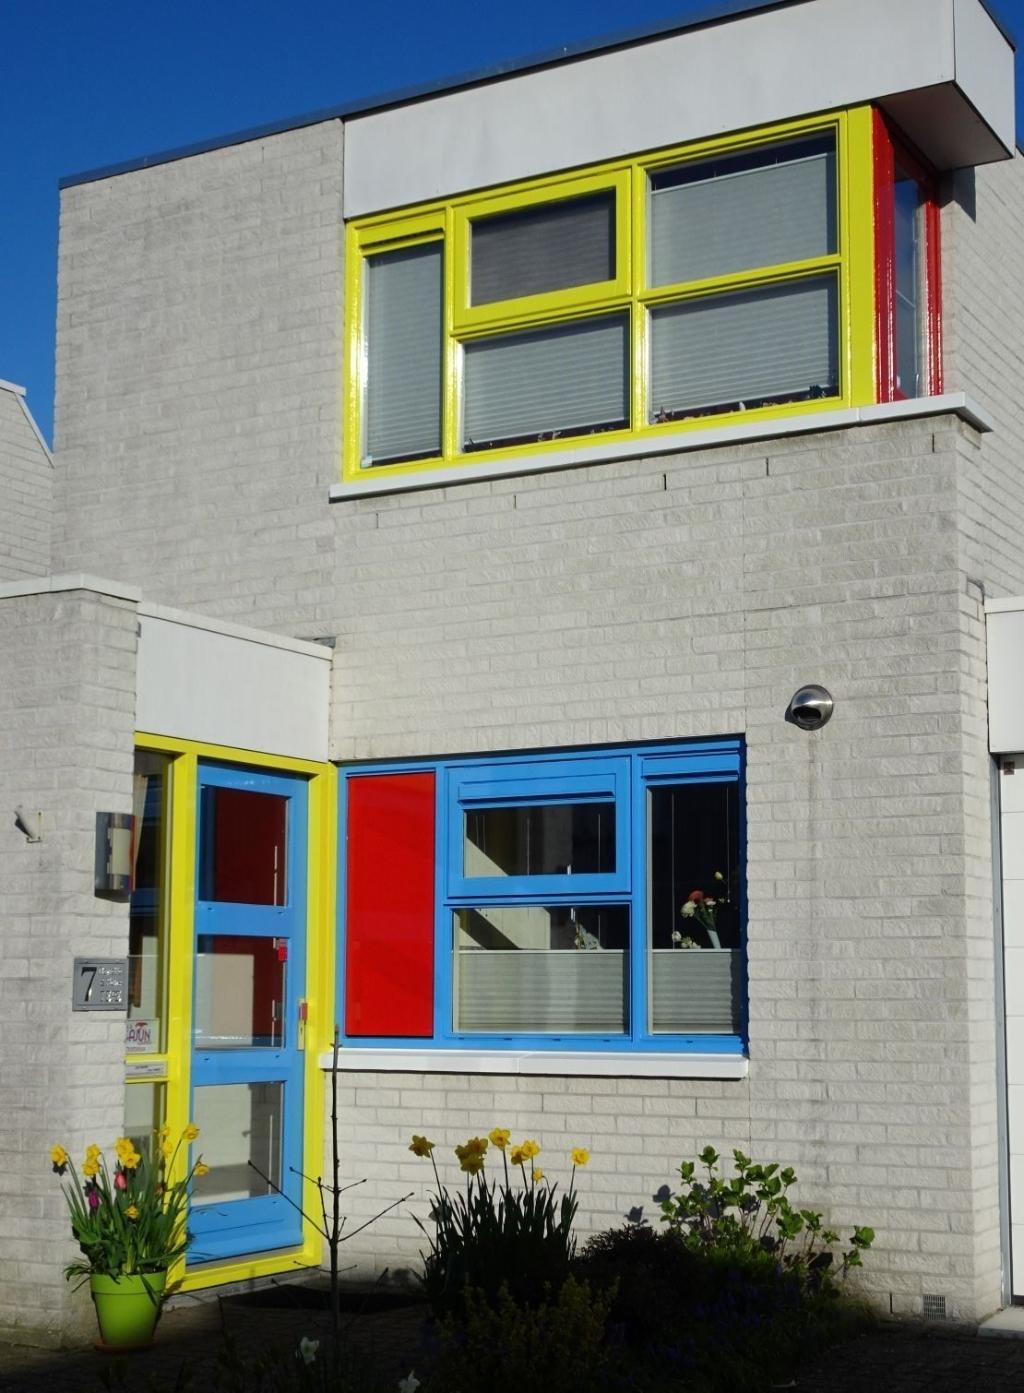 <p>Het Waardse Mondriaanhuis, een kleurrijke verrijking van de buurt.</p> <p>(Foto: Mari&euml;tte Tepe)</p> © rodi